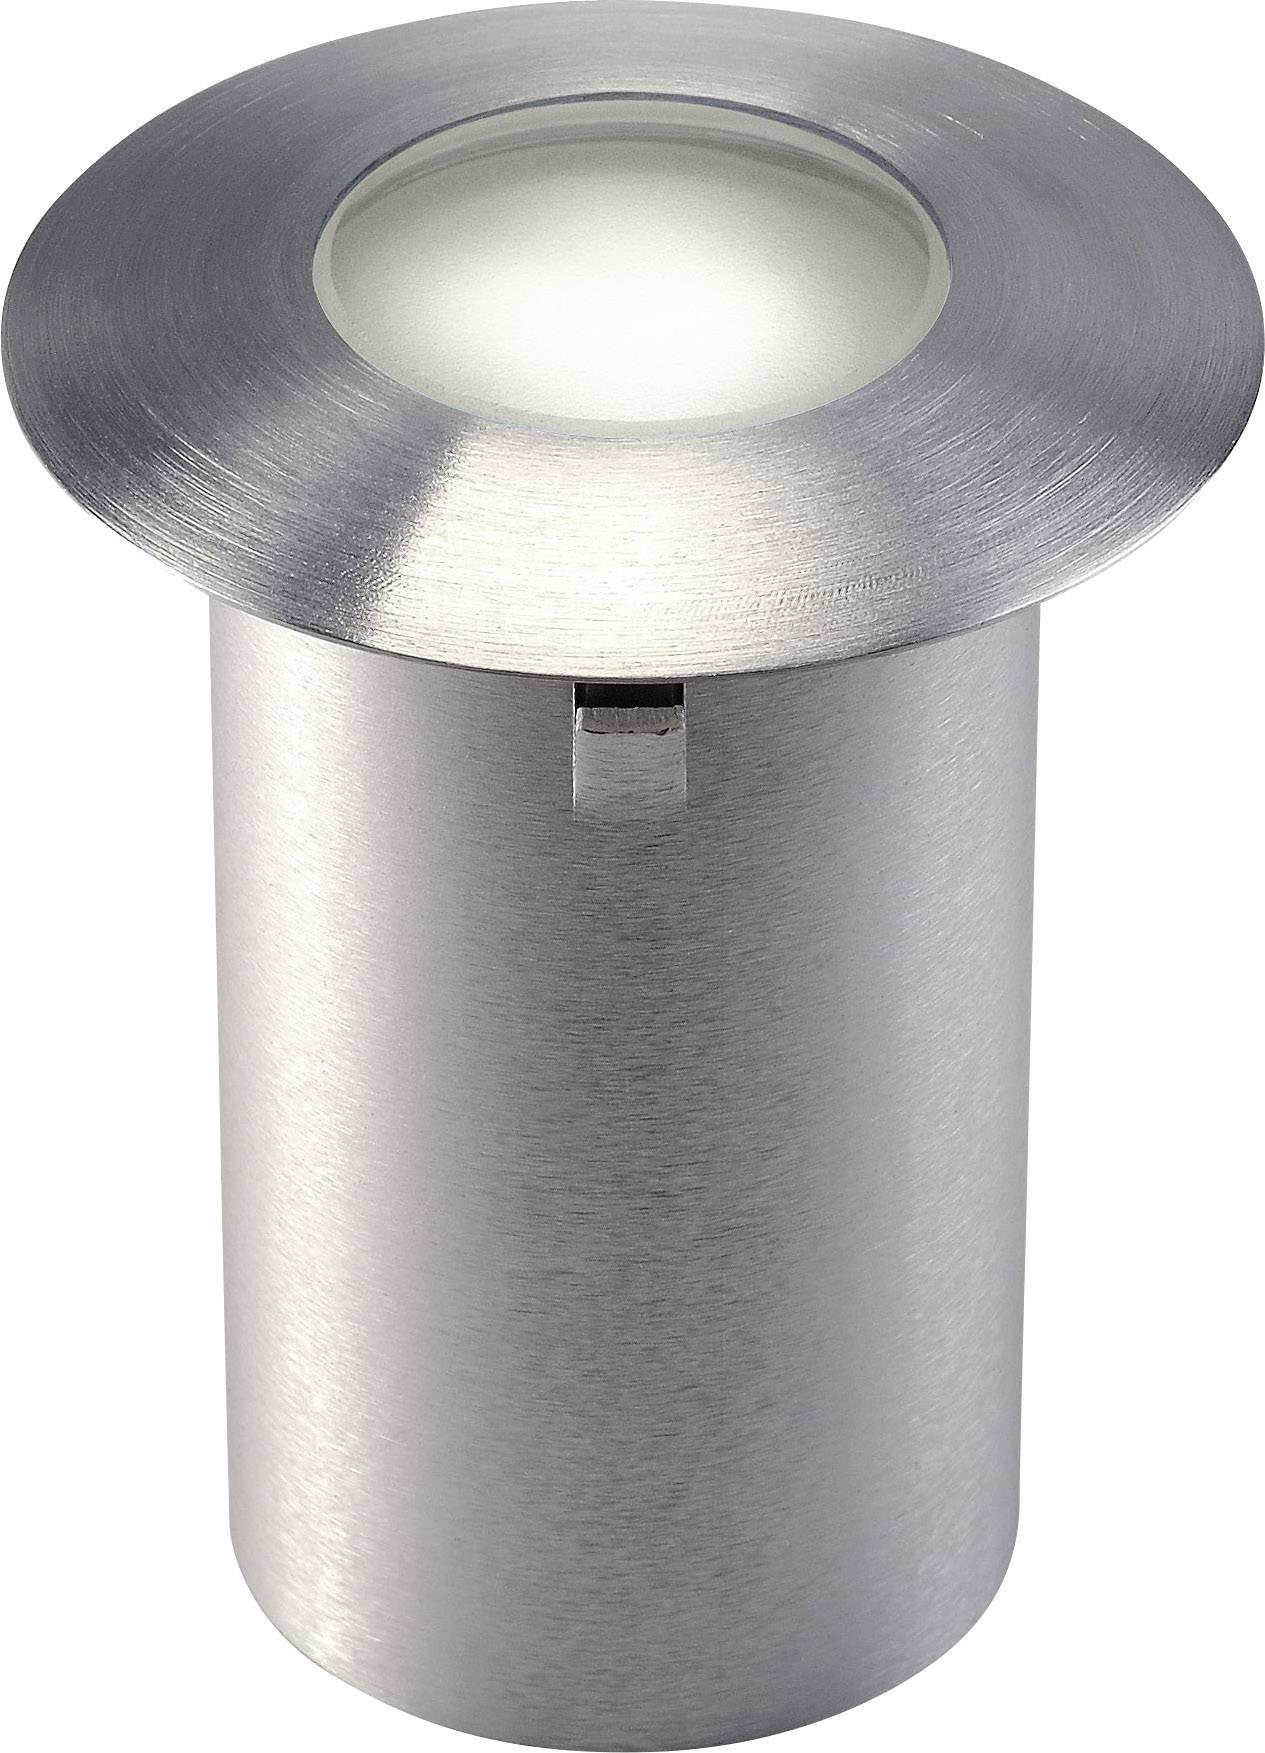 Vonkajšie vstavané LED osvetlenie SLV Trail Lite 227462, 0.3 W, nerezová oceľ